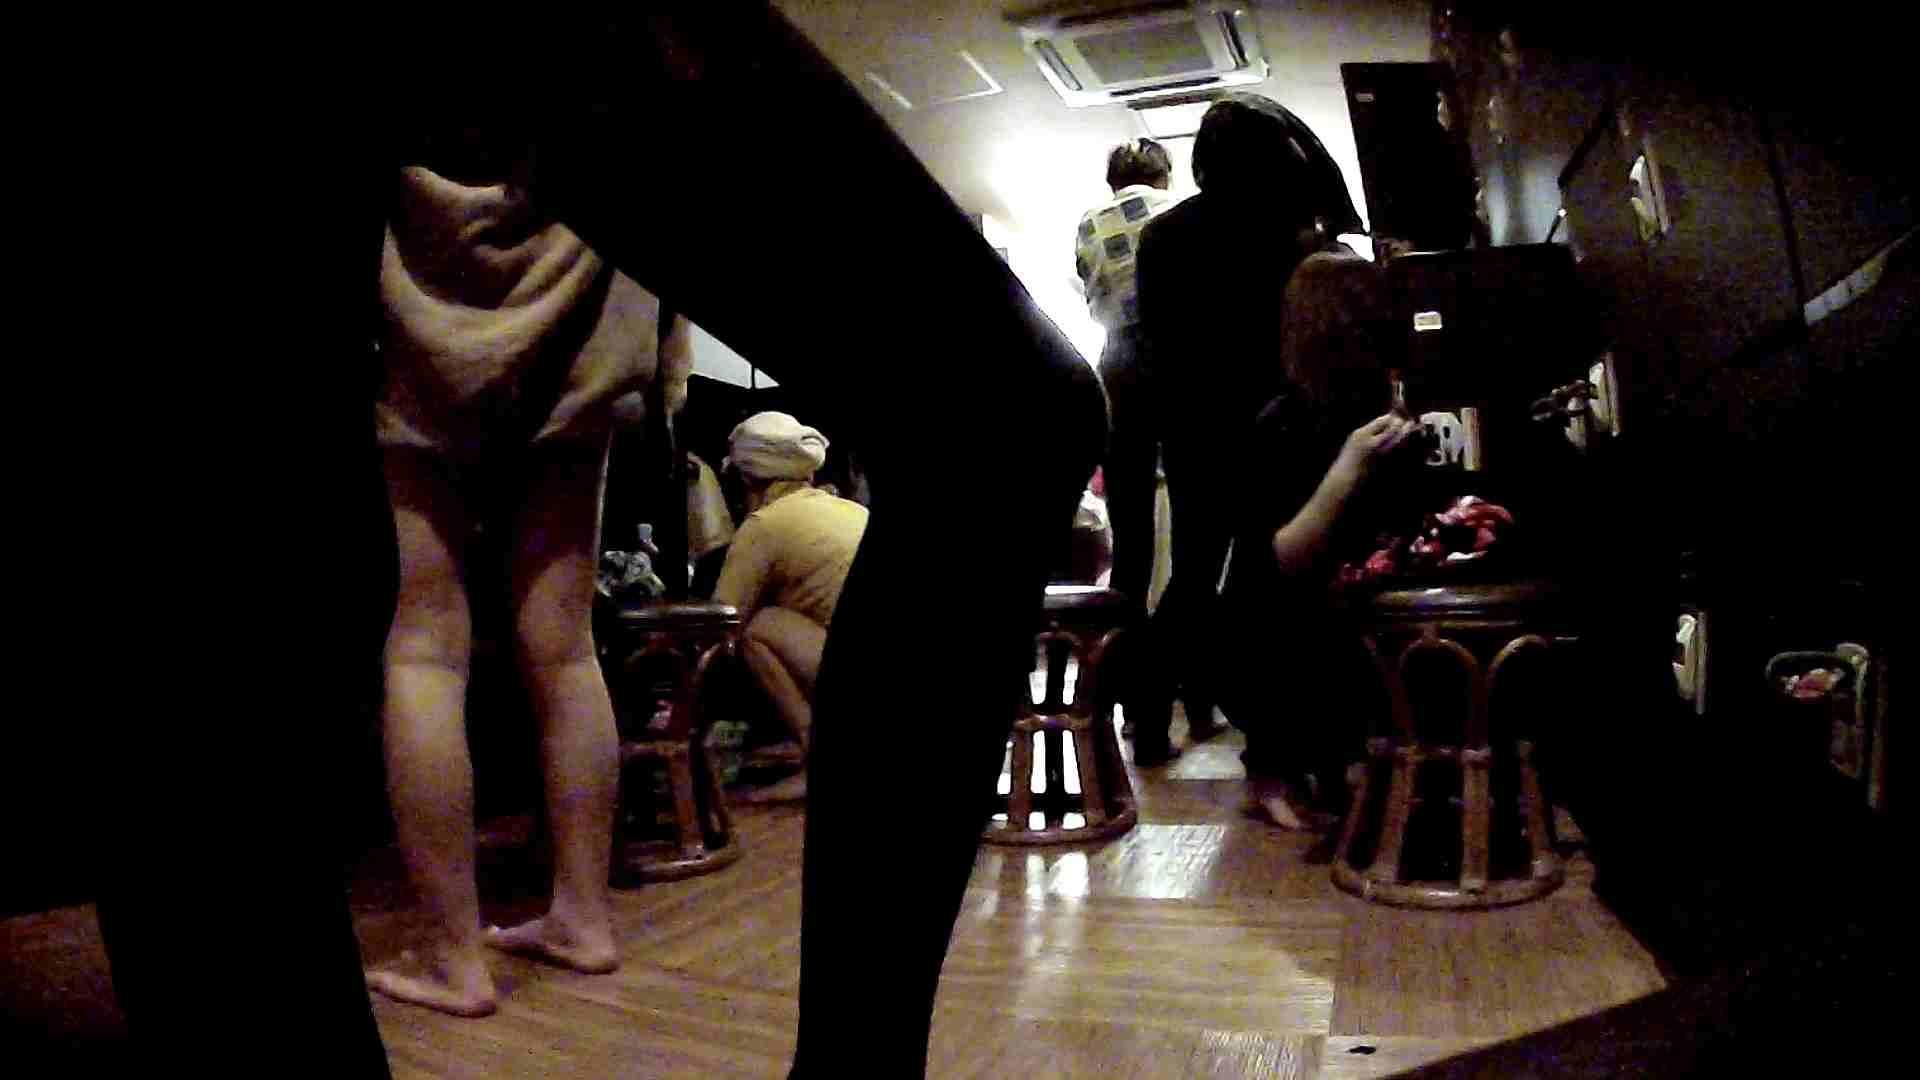 脱衣所!オムニバス 大混雑!注目はあの人の御御足でしょう。 脱衣所 盗撮戯れ無修正画像 25pic 11